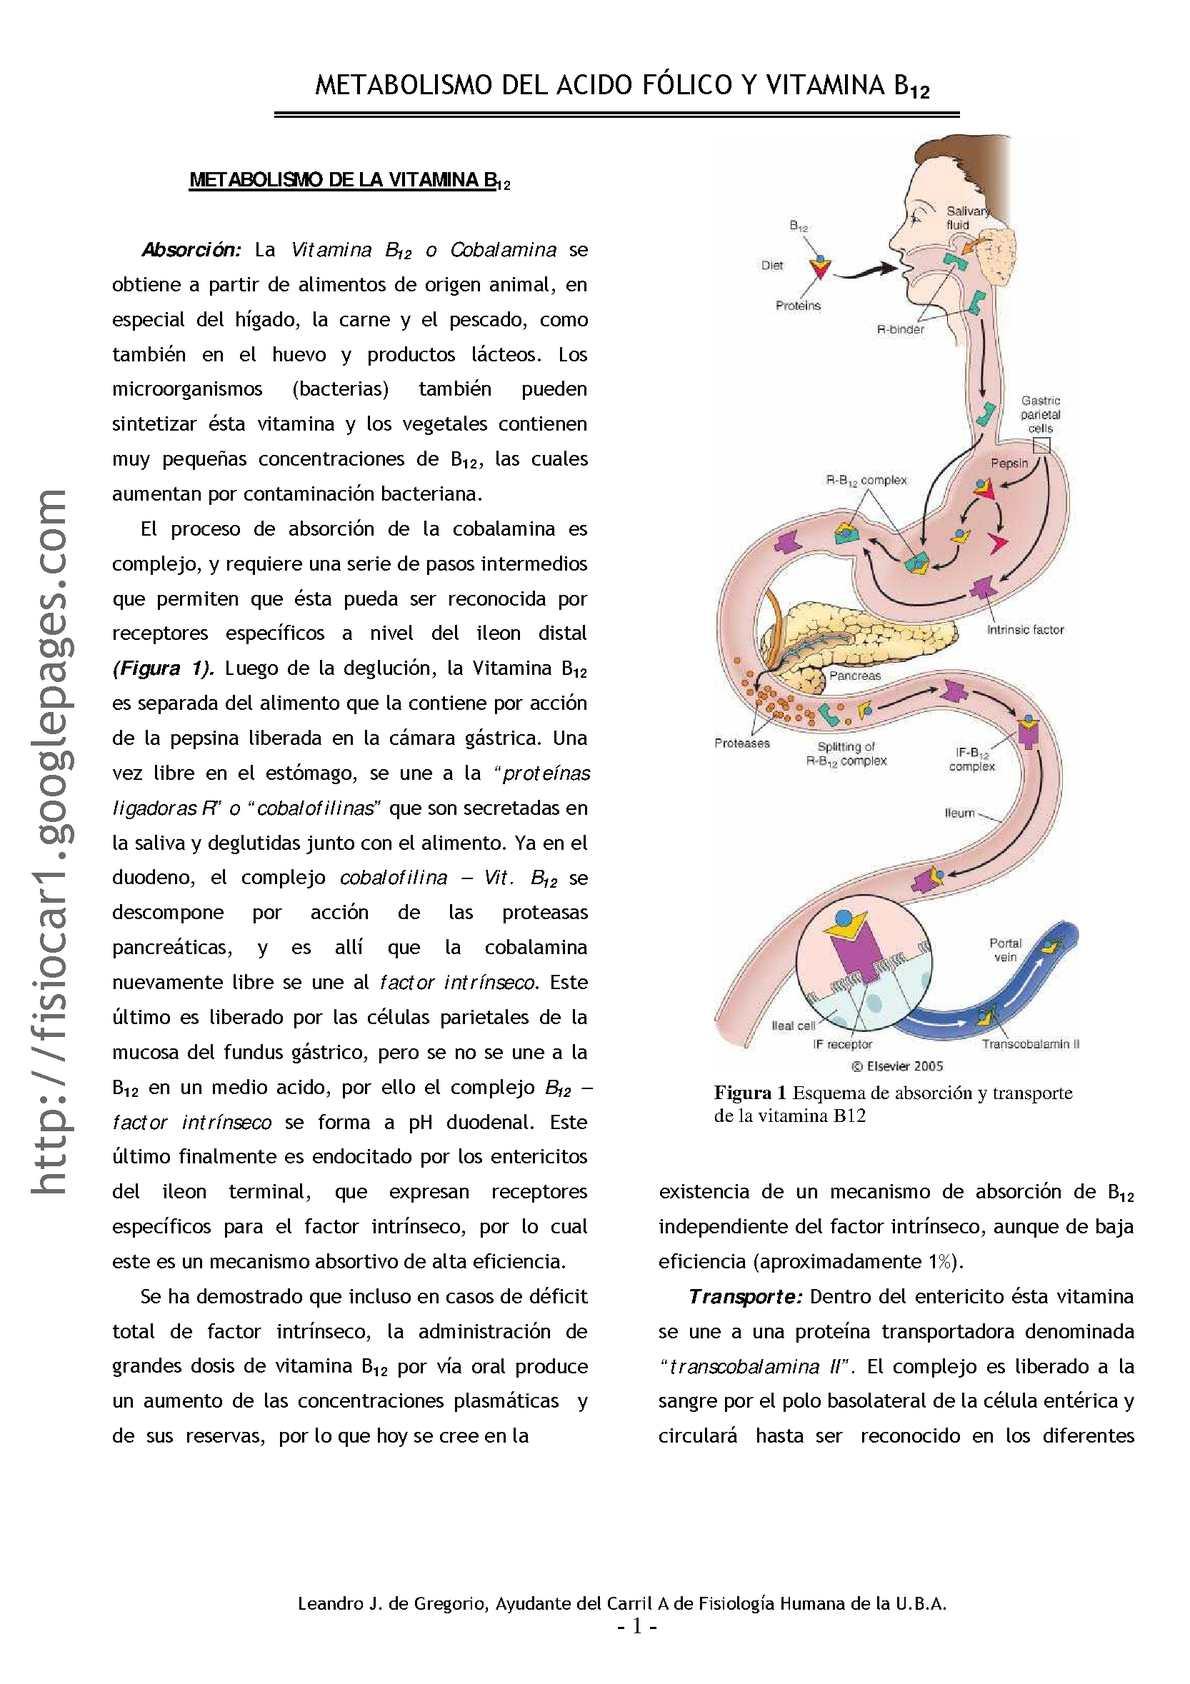 Calaméo - metabolismo ac. folico